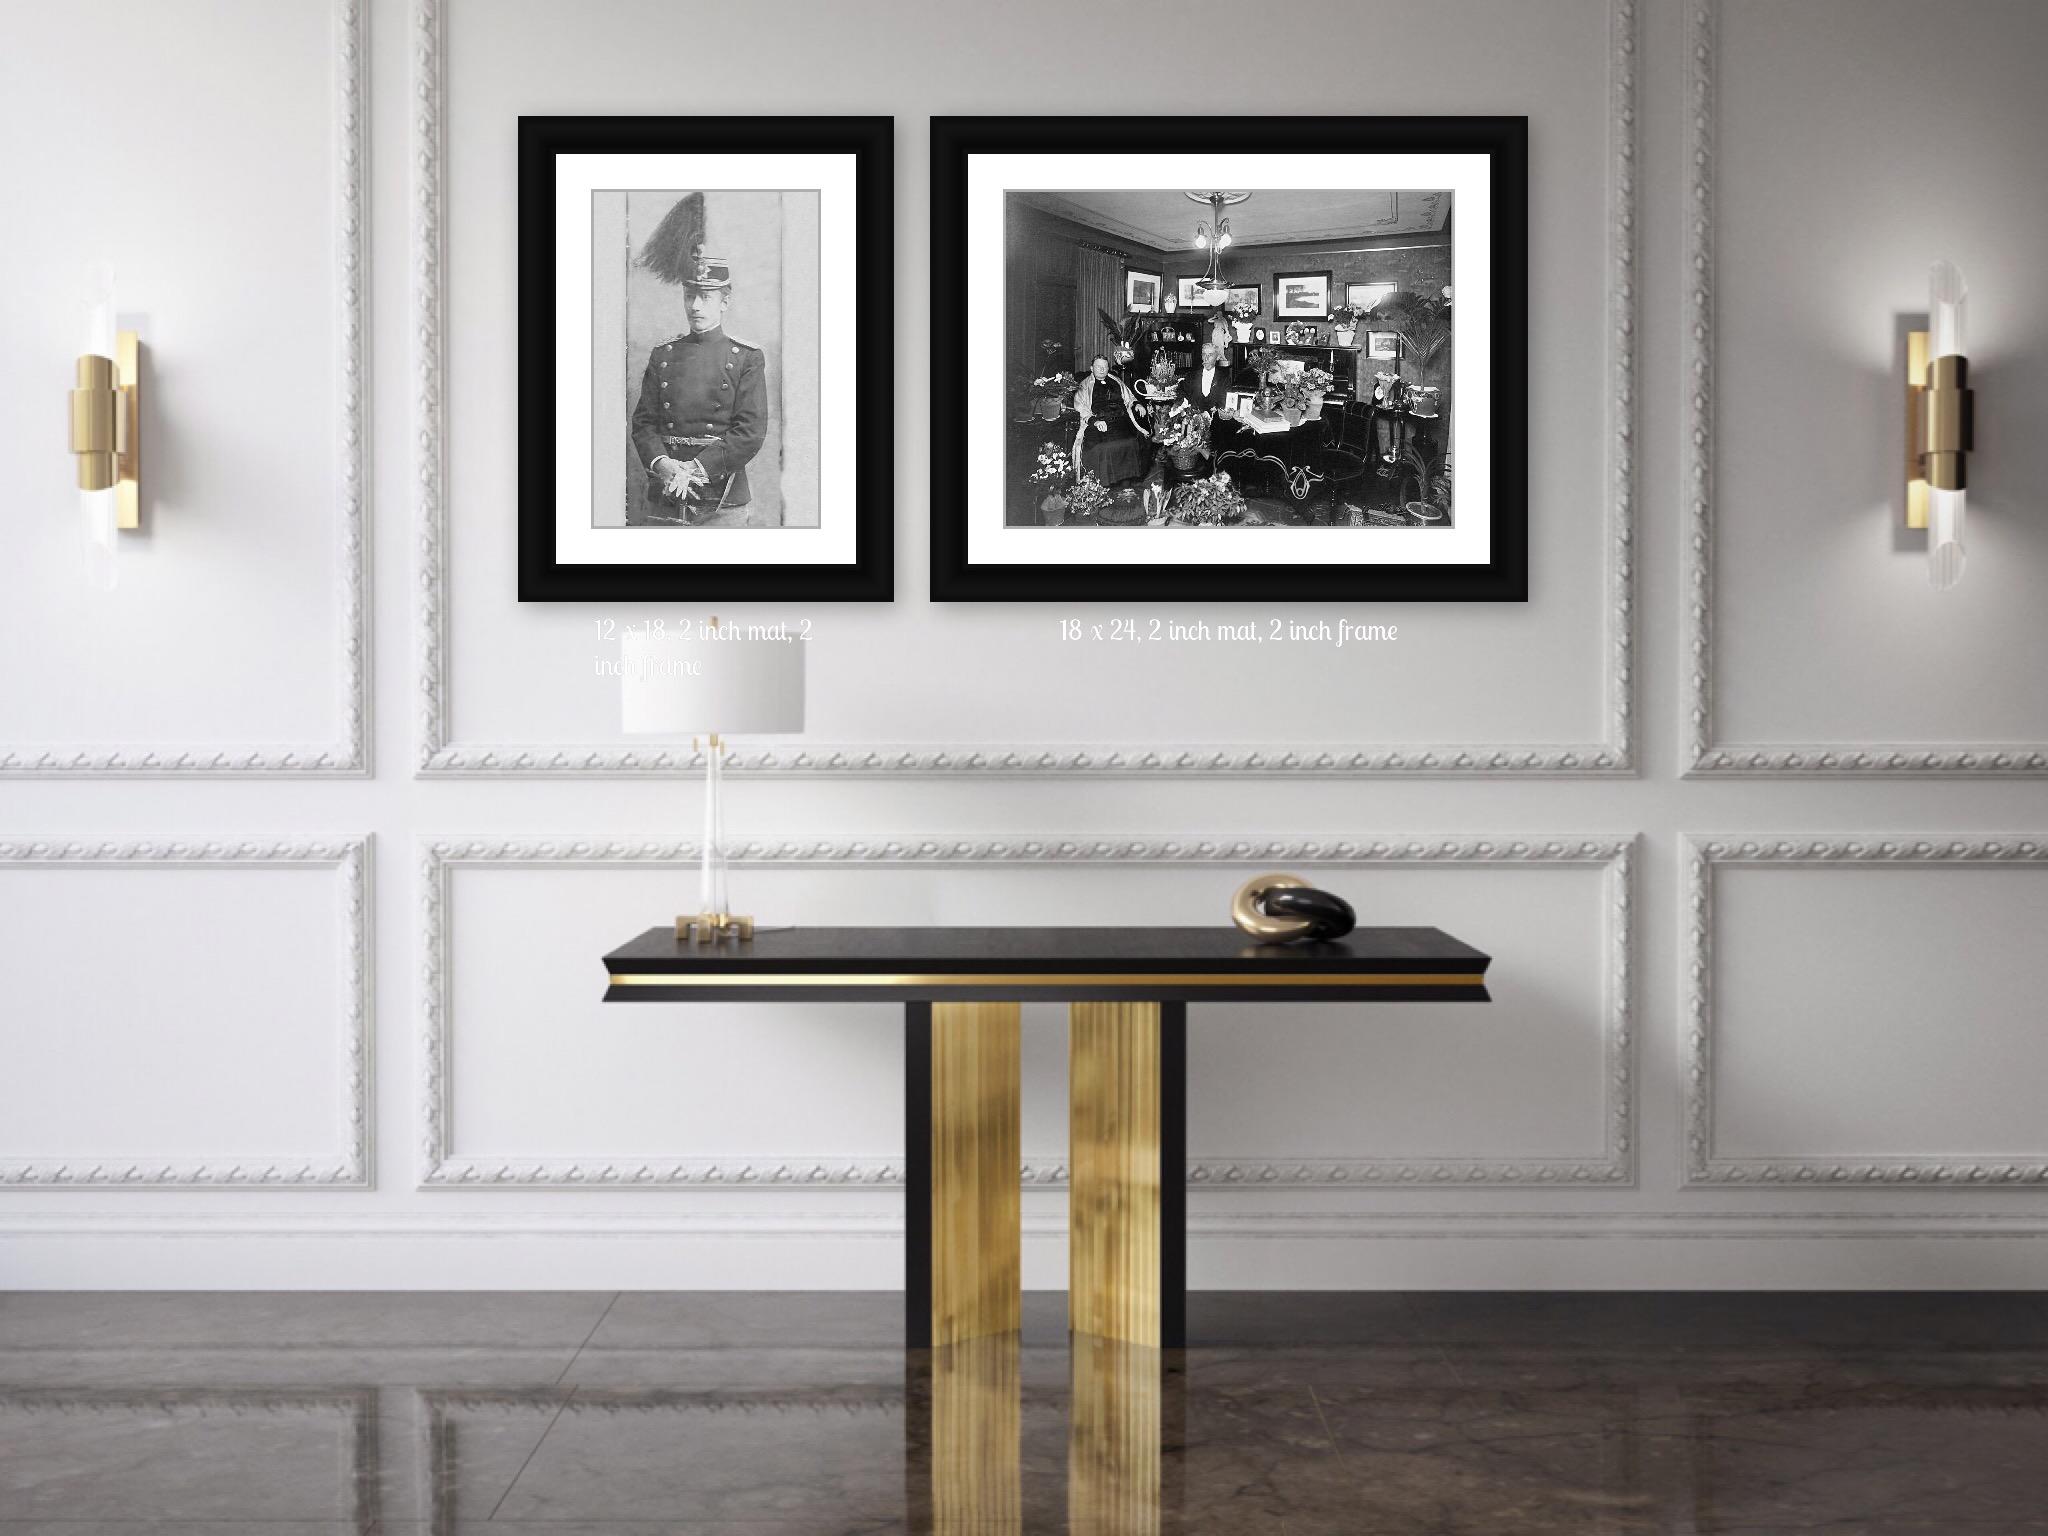 mockup heritage duet denmark danish wilger pederson 1933 shootnsell IMG_2401.JPG